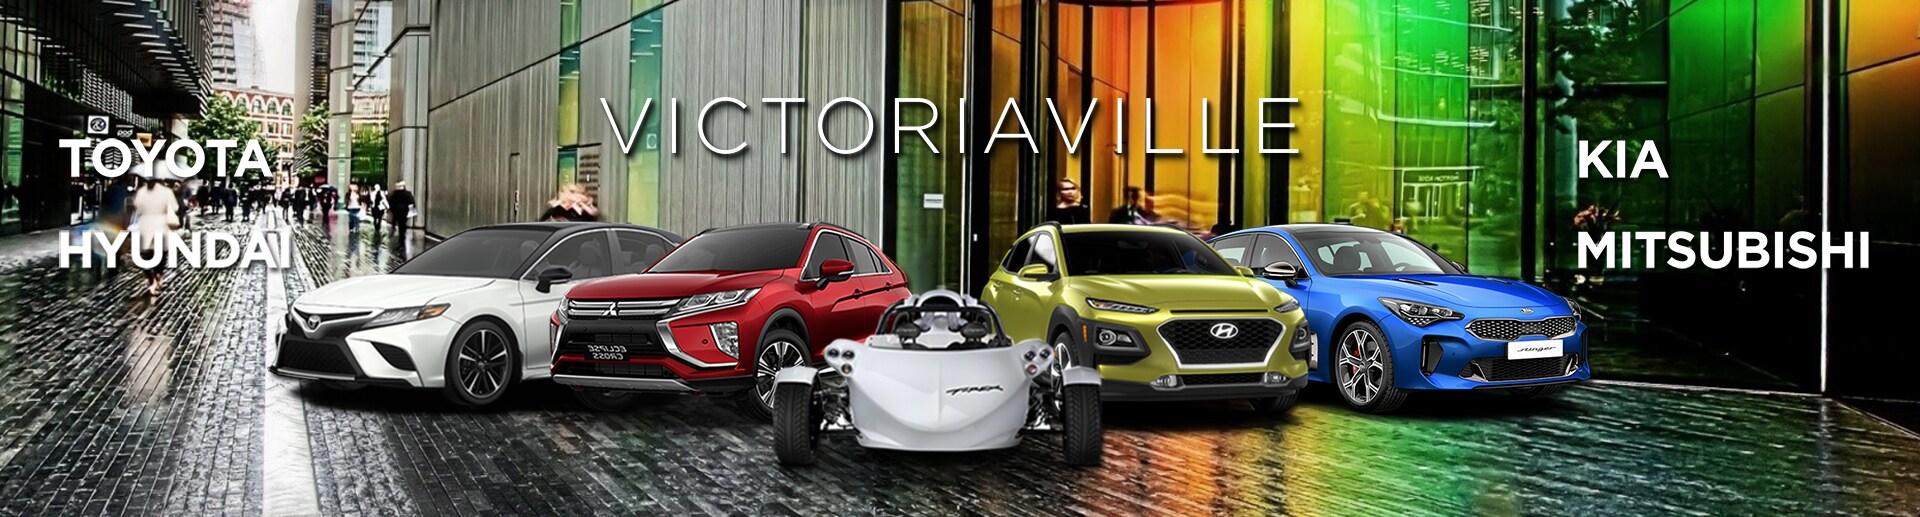 Groupe Roy Auto Neuf Occasion Mitsubishi Scion Toyota